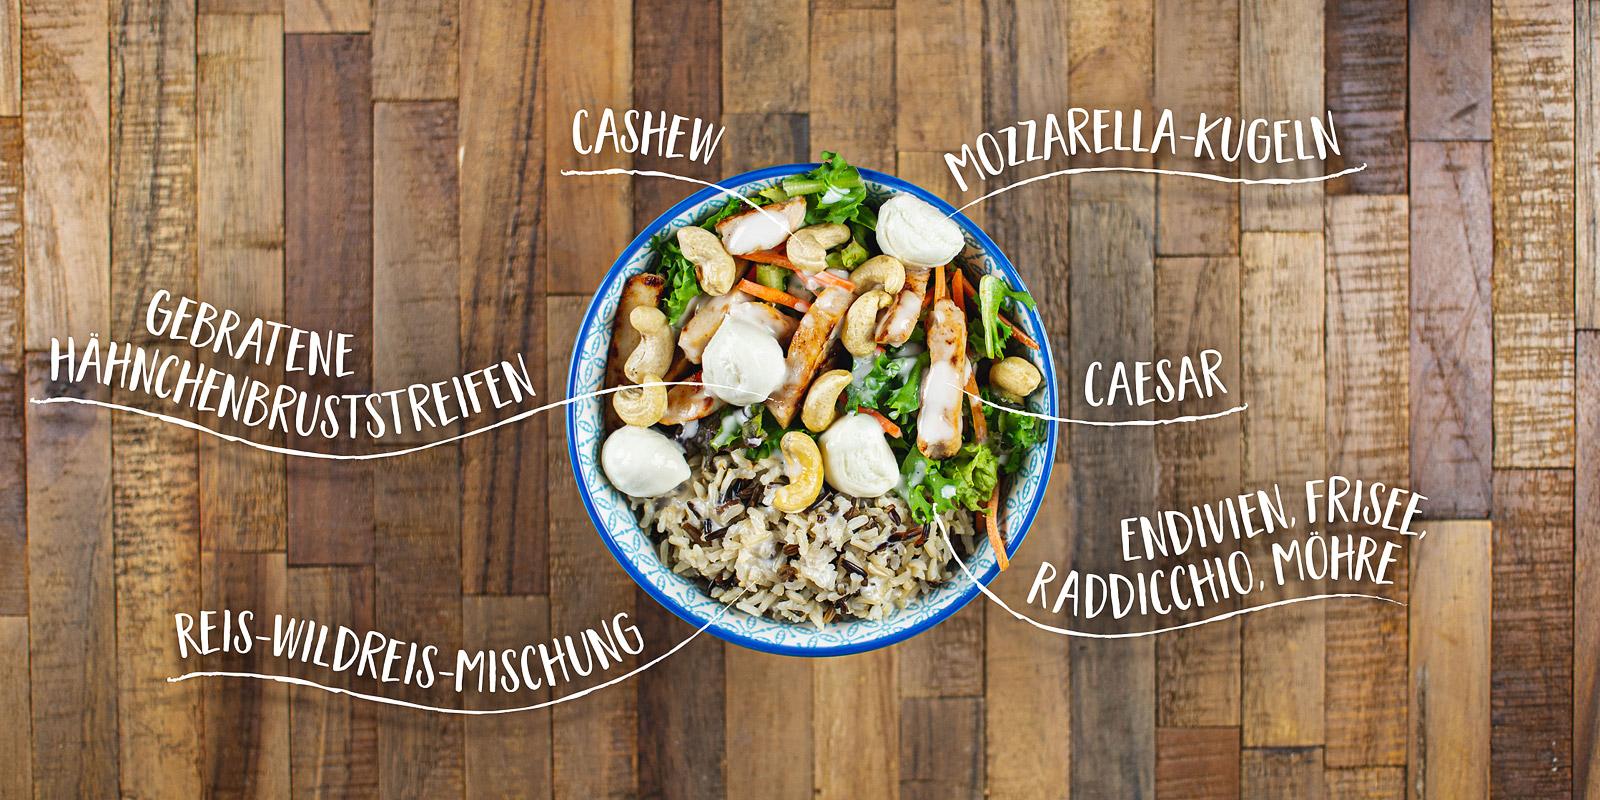 Salat Bowl mit rote Linsen, Wildkraeuter, Baby Leaf, Falafel, Edamame, Granatapfelkerne, Mango Minze Dressing